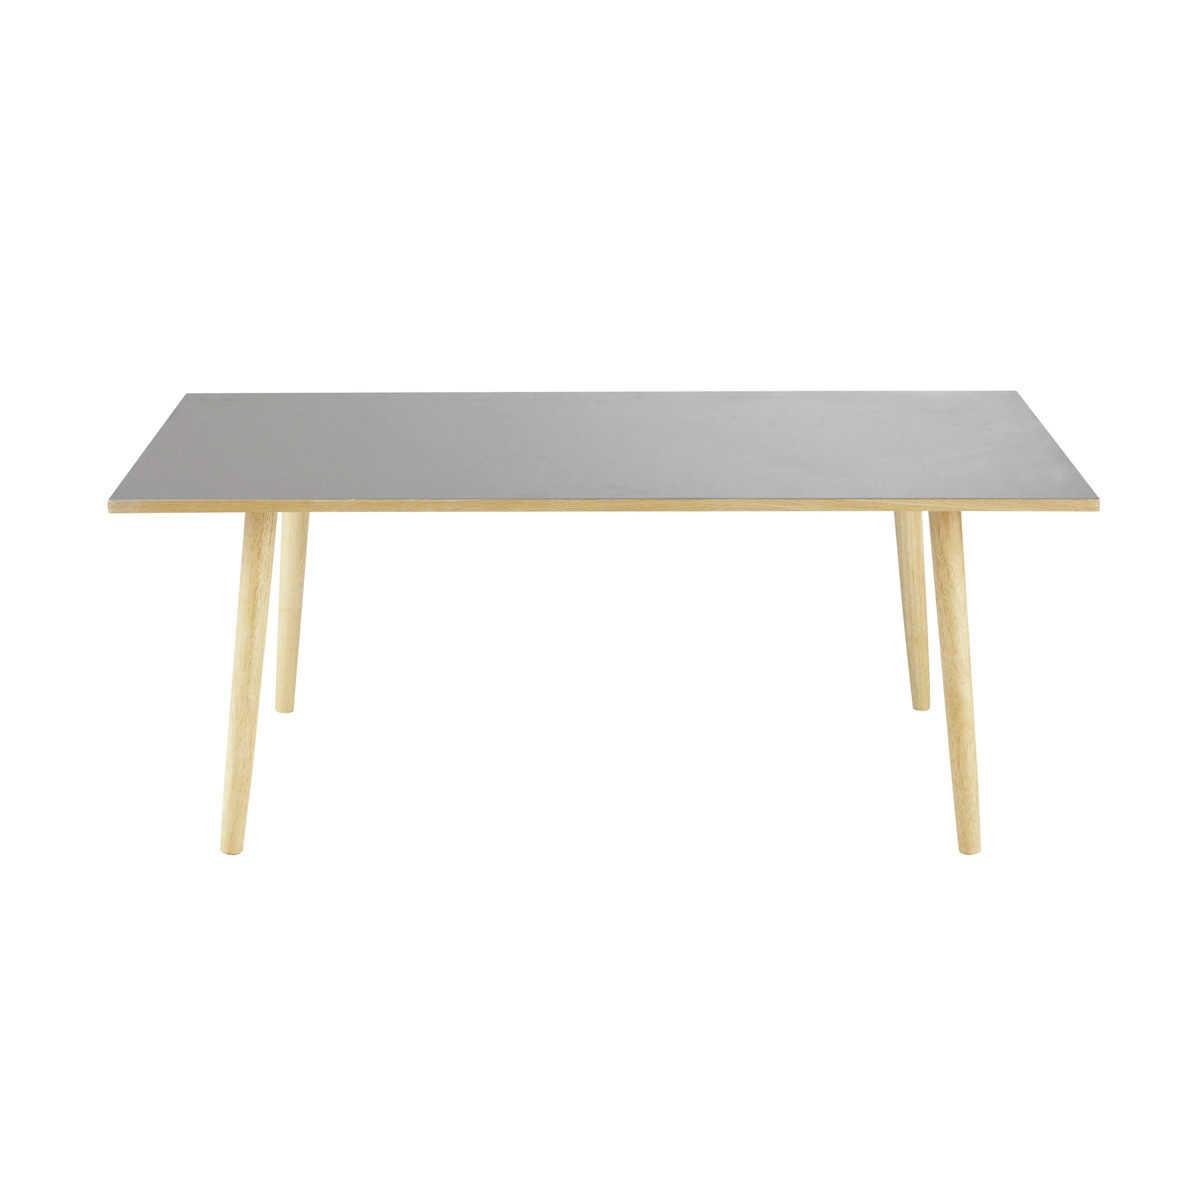 Table Basse Maison Du Monde Blanche Table Basse Carrée Maison Du